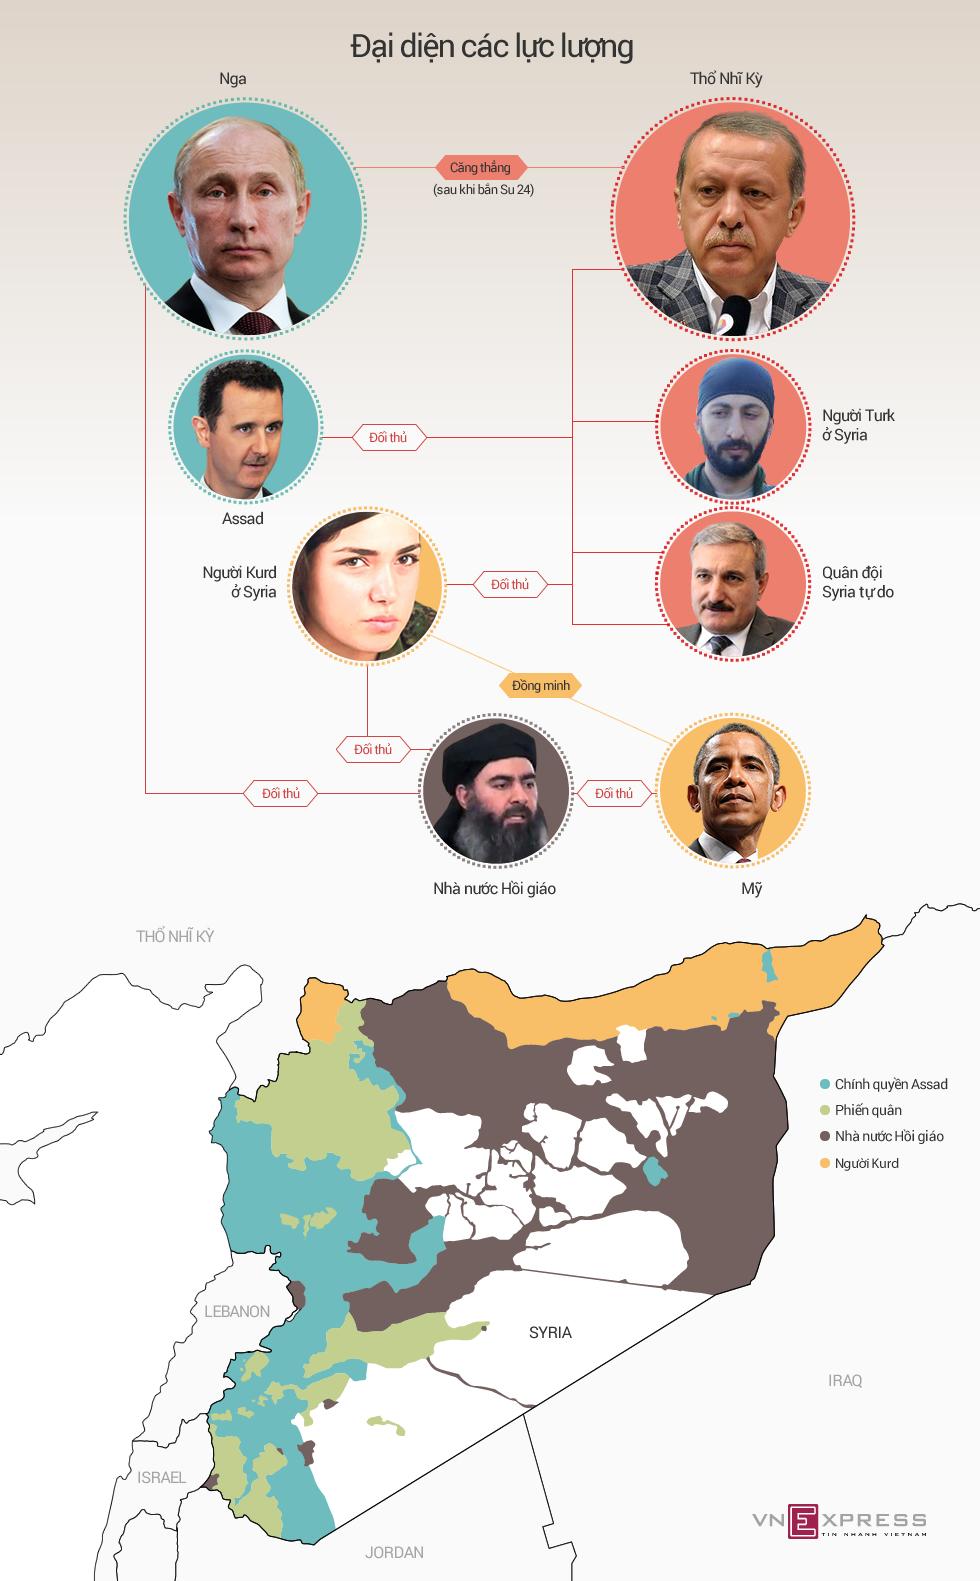 Quan hệ chồng chéo giữa Nga - Thổ Nhĩ Kỳ và các thế lực ở Syria